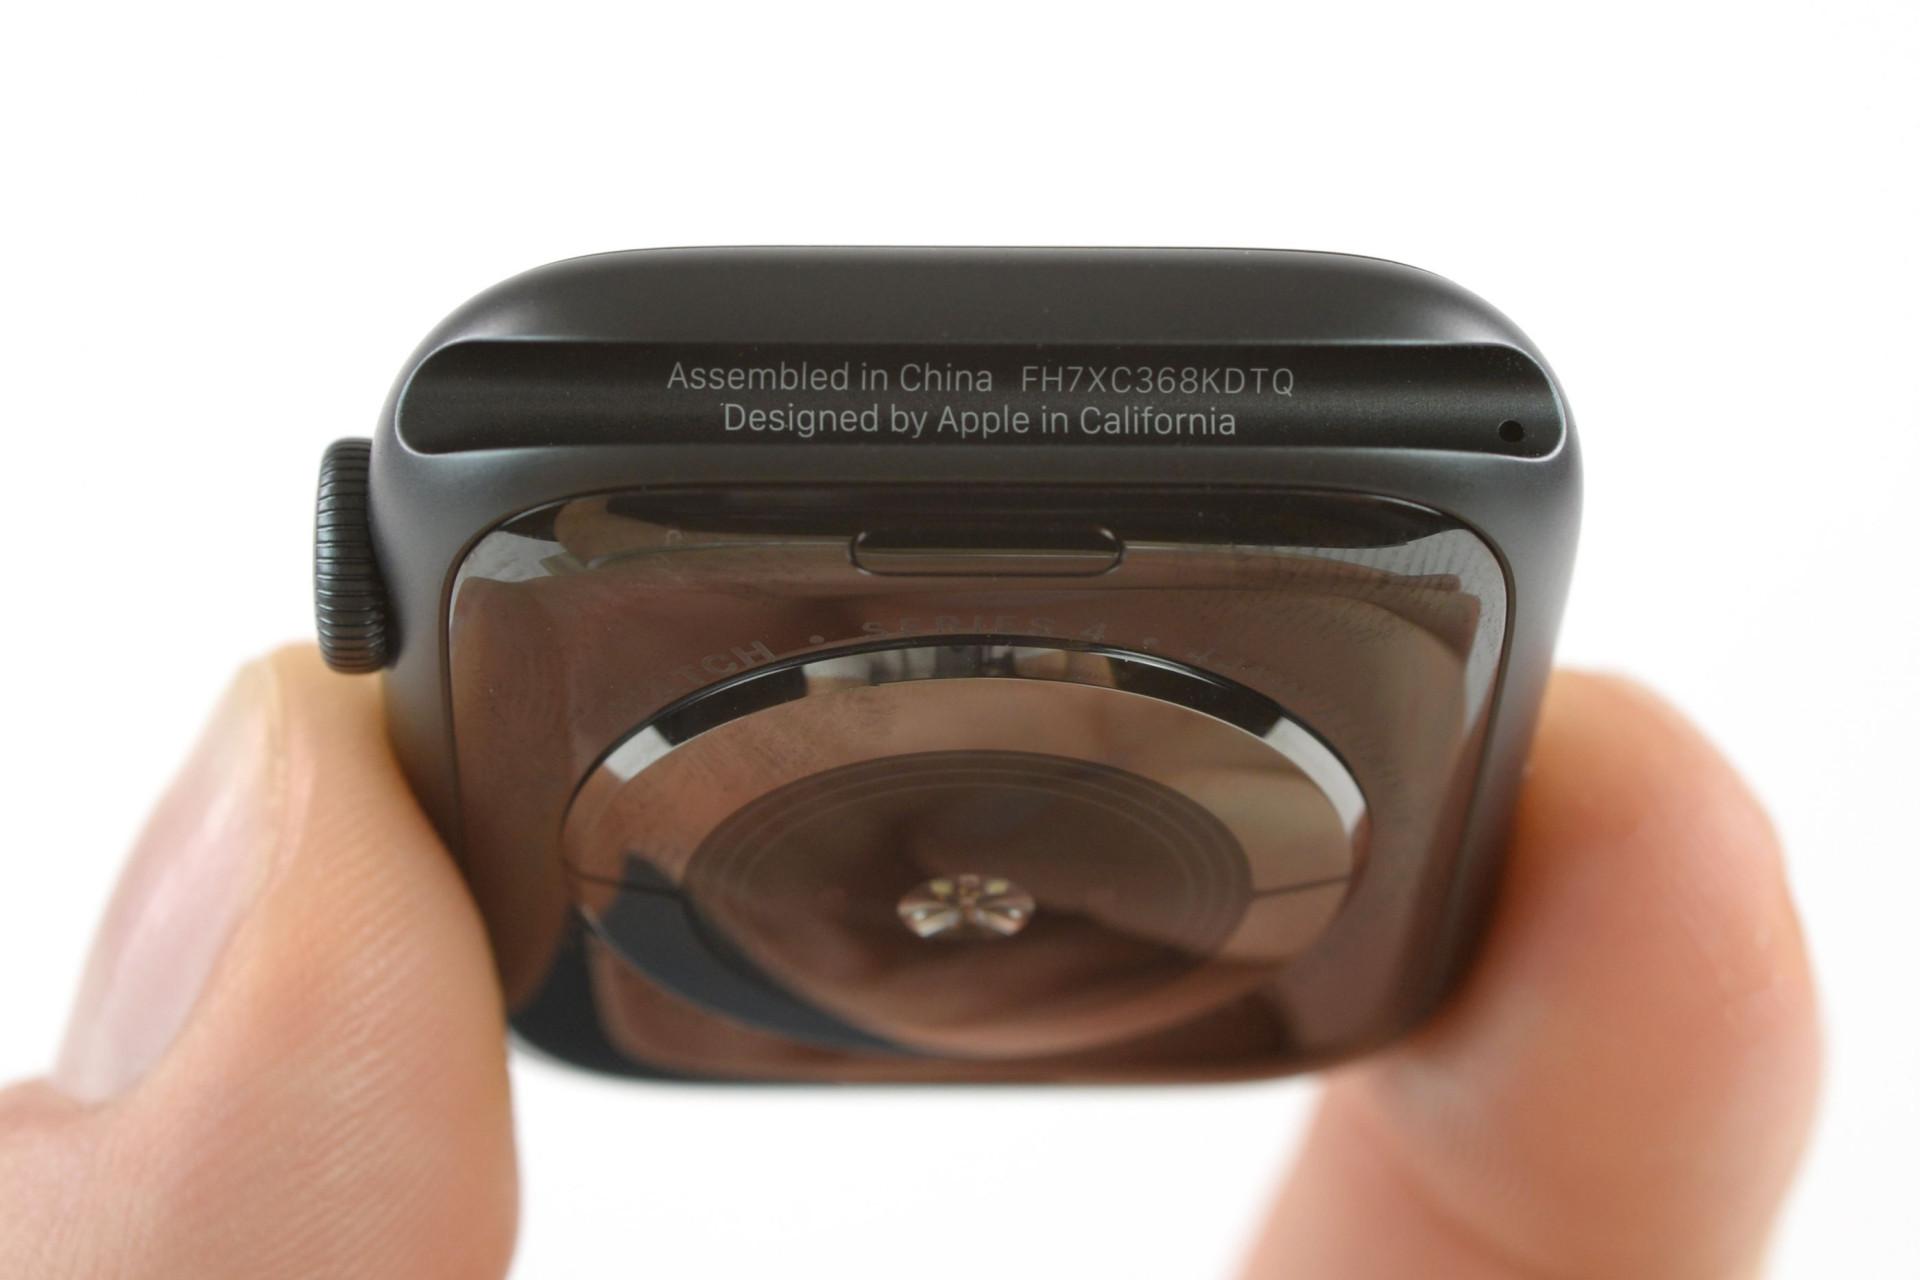 Veja o interior do novo relógio inteligente da Apple